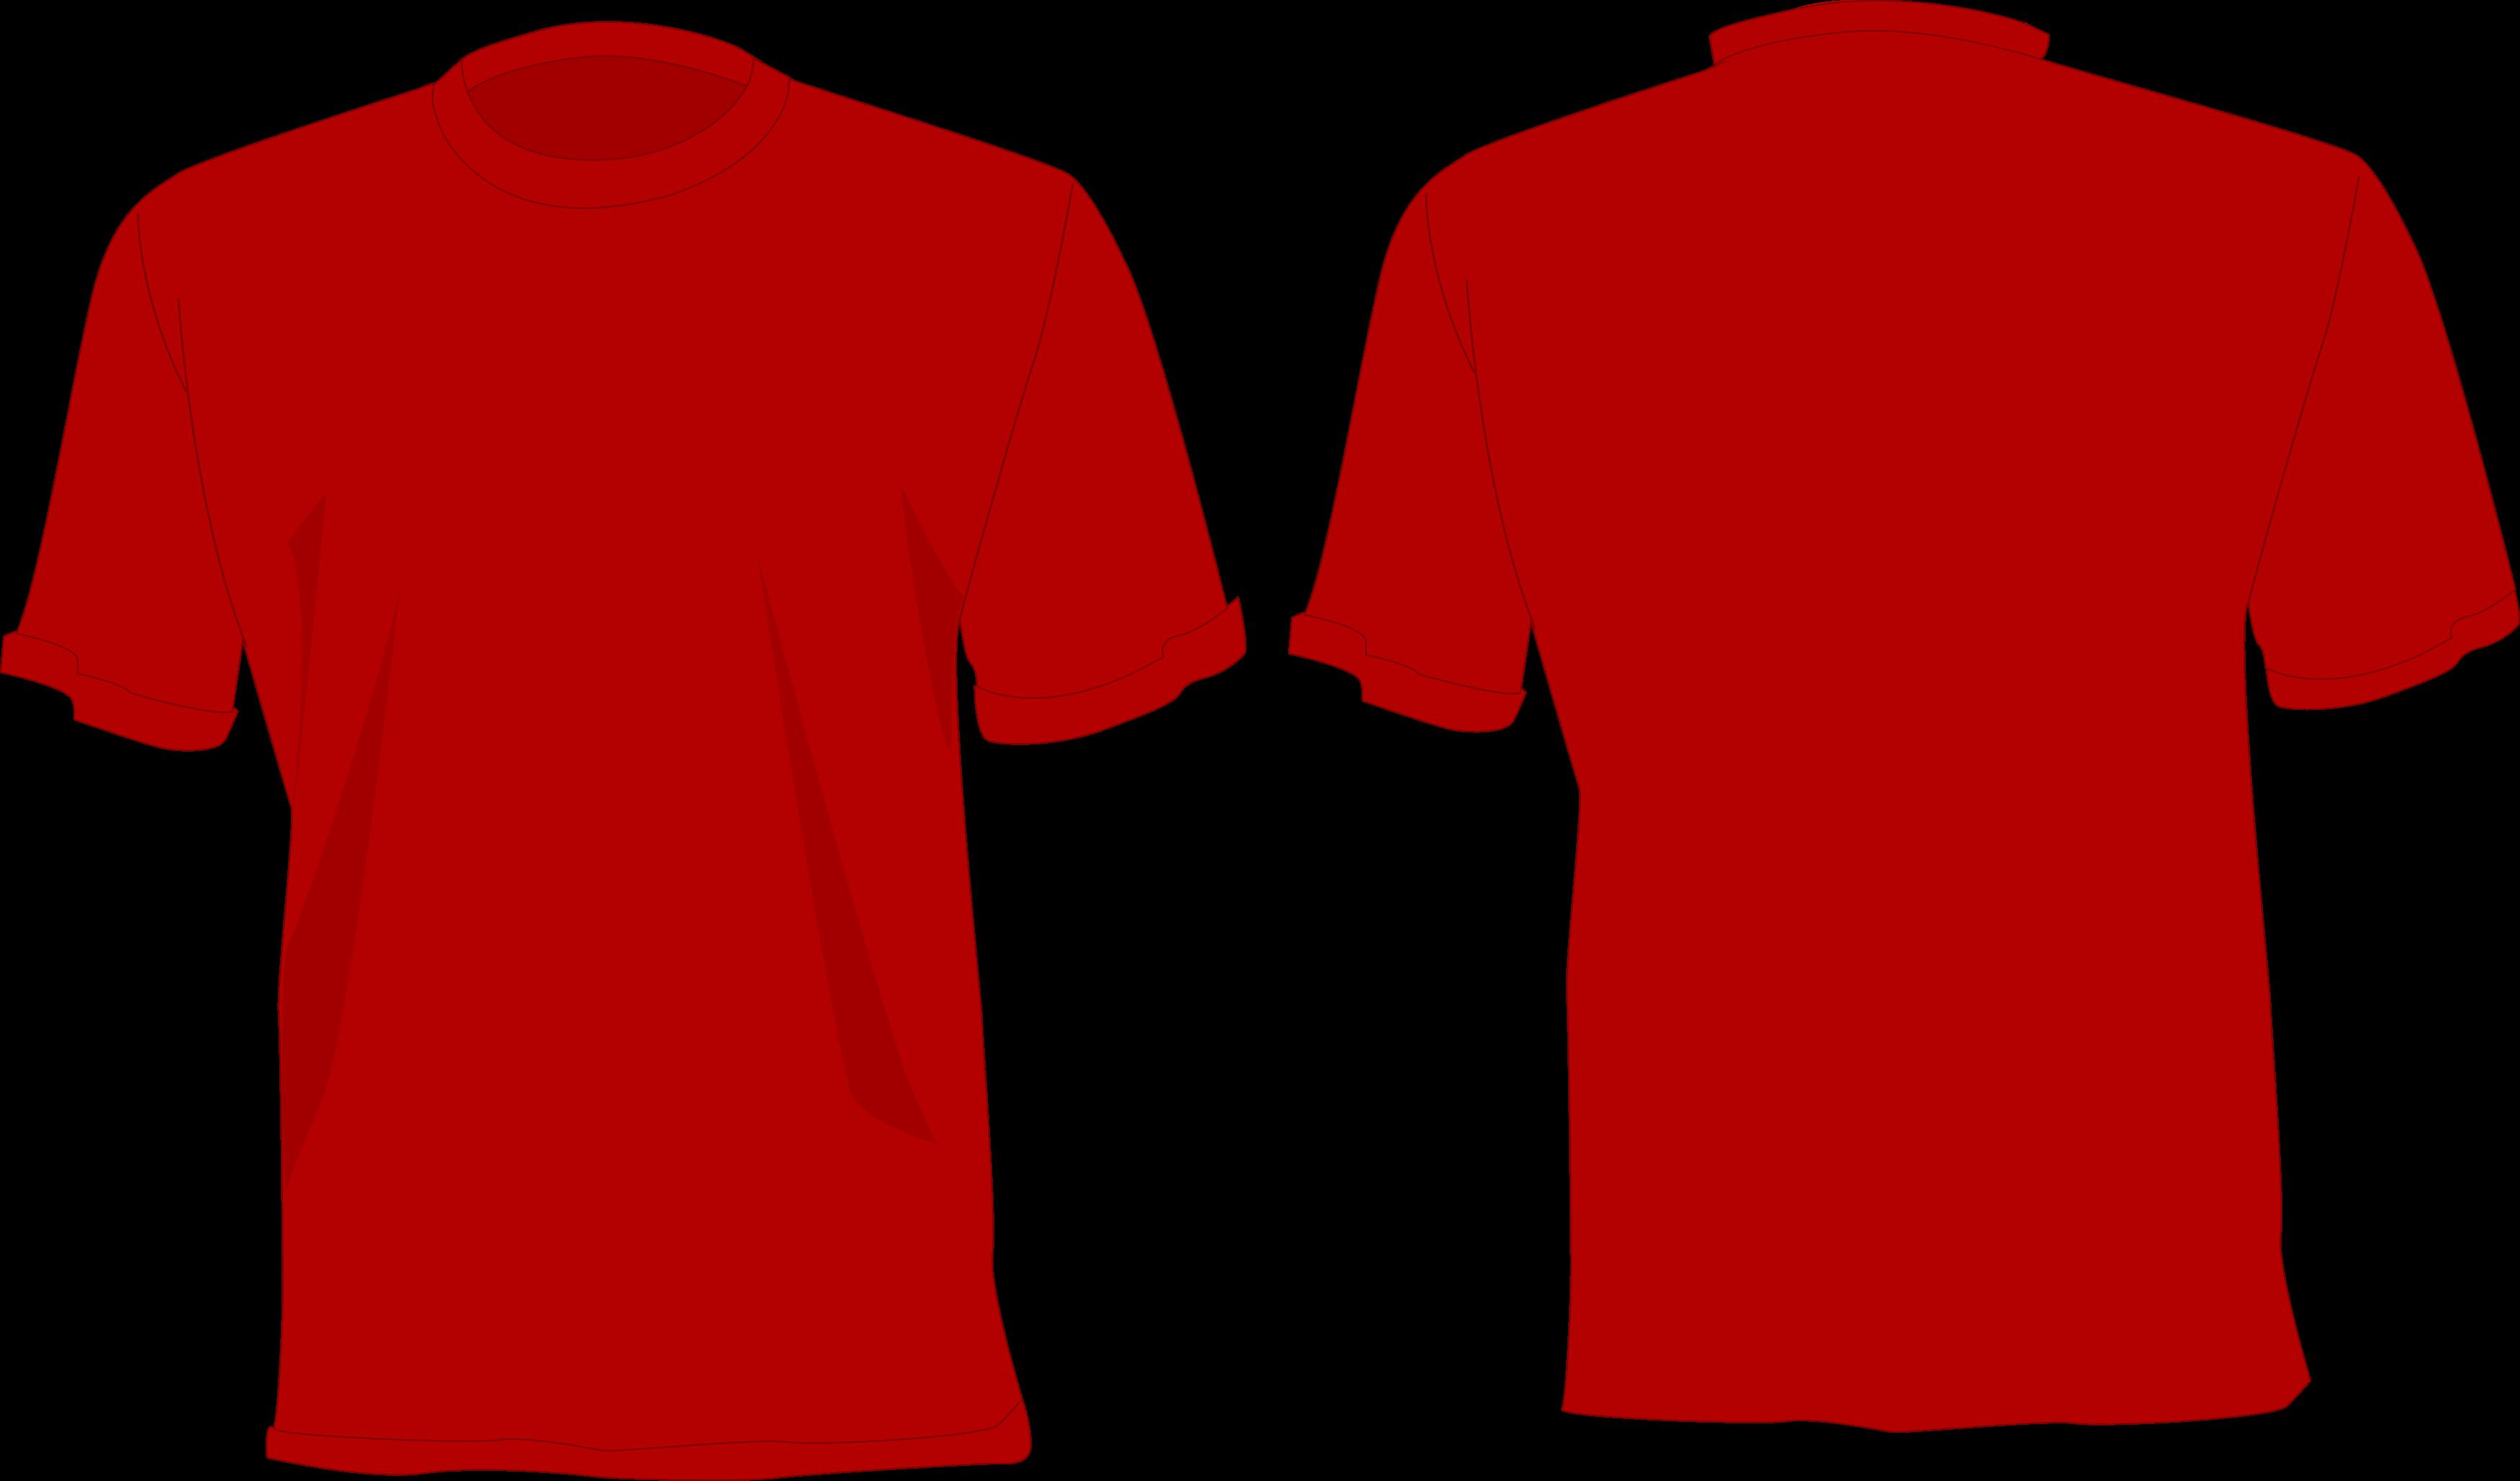 Camisa Vermelha desenho, frente e verso.